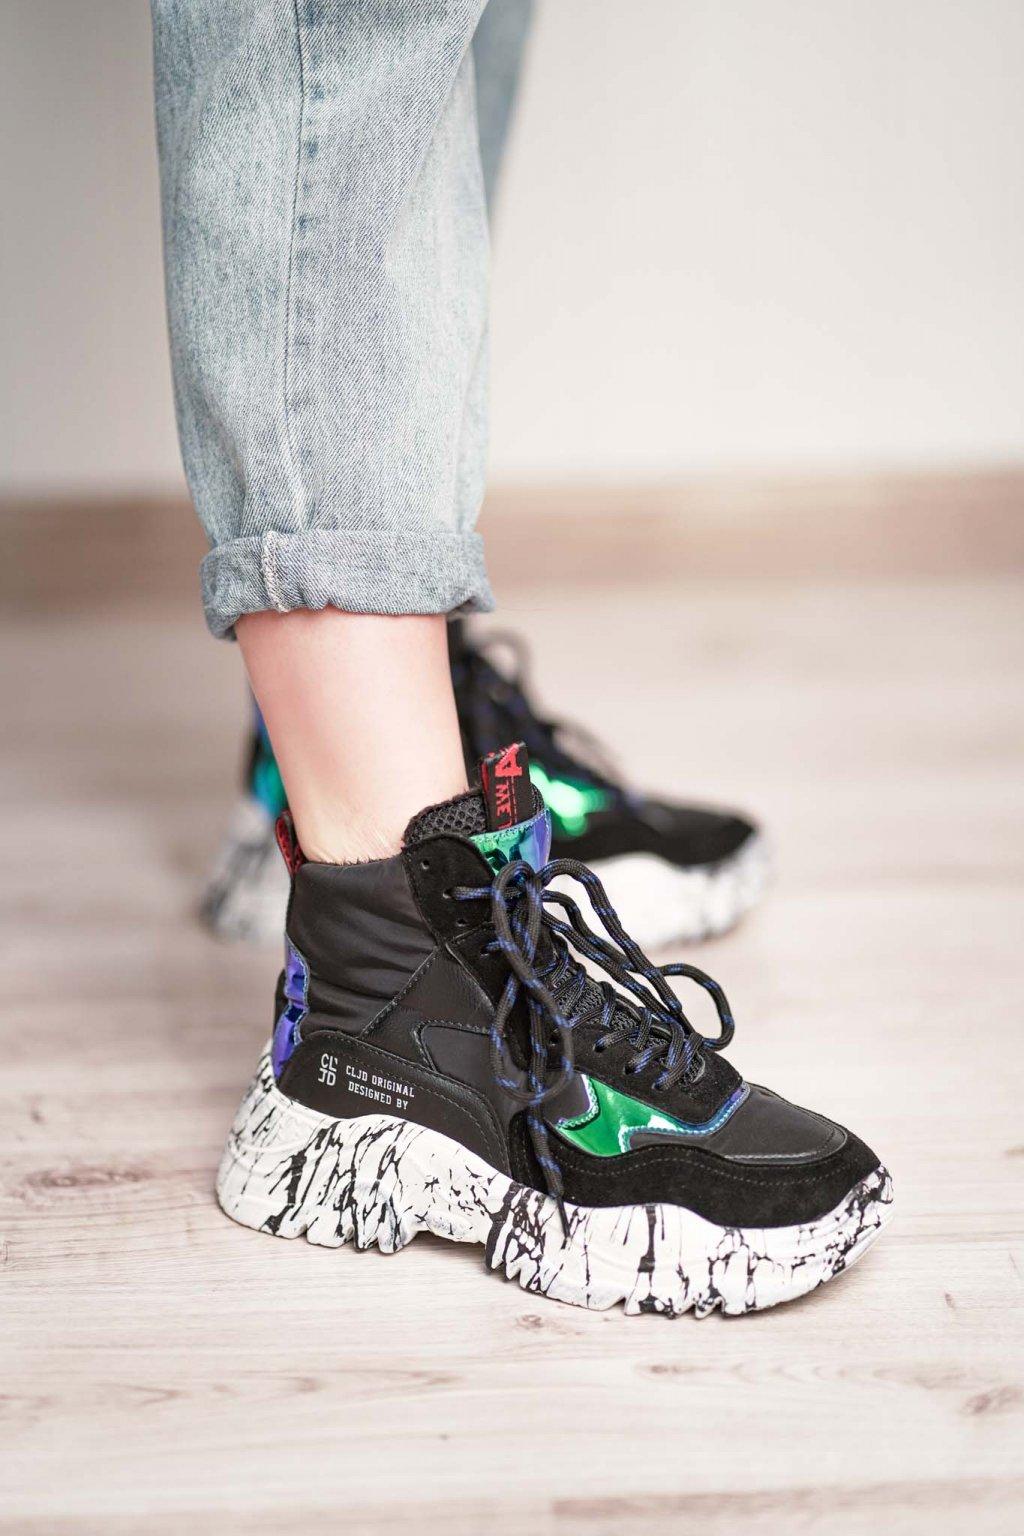 topánky, obuv, tenisky, botasky, lodičky, čižmy, šľapky, sandálky 418